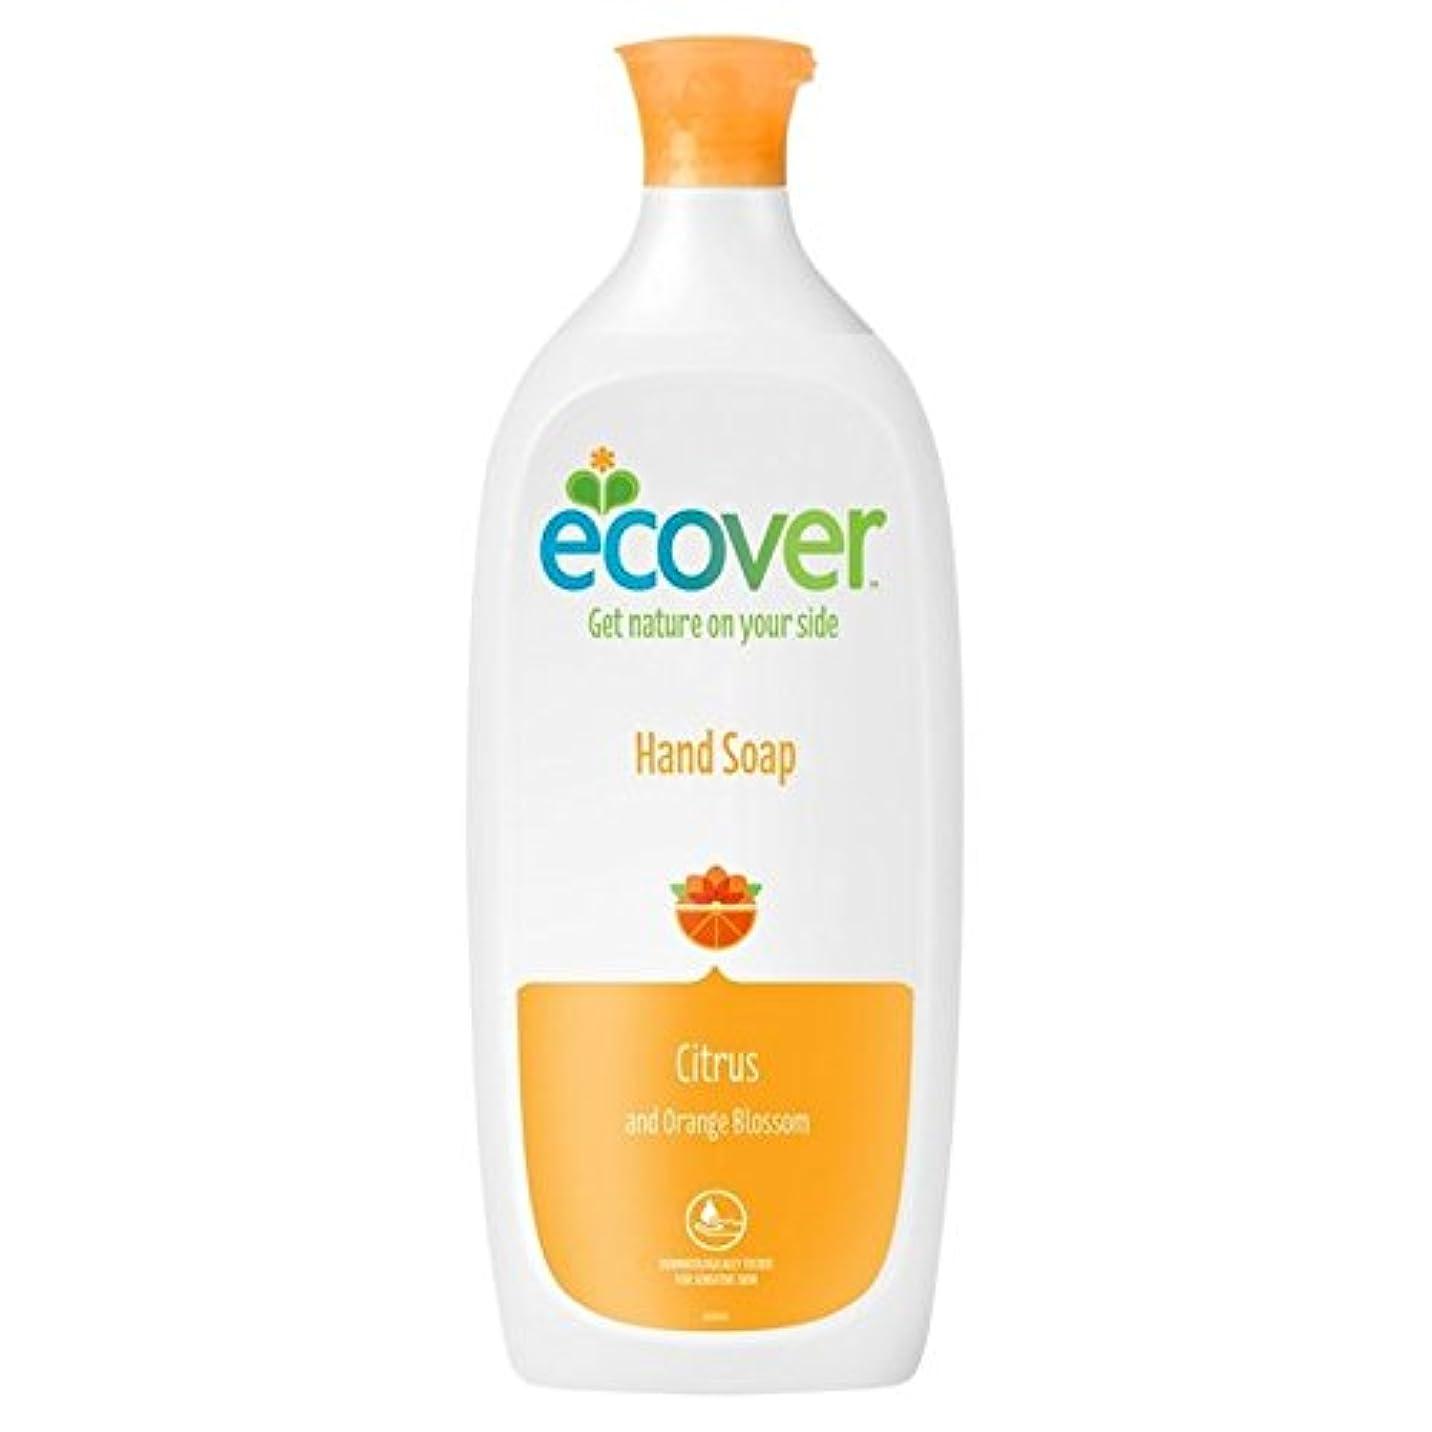 翻訳する誇り借りているEcover Liquid Soap Citrus & Orange Blossom Refill 1L (Pack of 6) - エコベール液体石鹸シトラス&オレンジの花のリフィル1リットル x6 [並行輸入品]